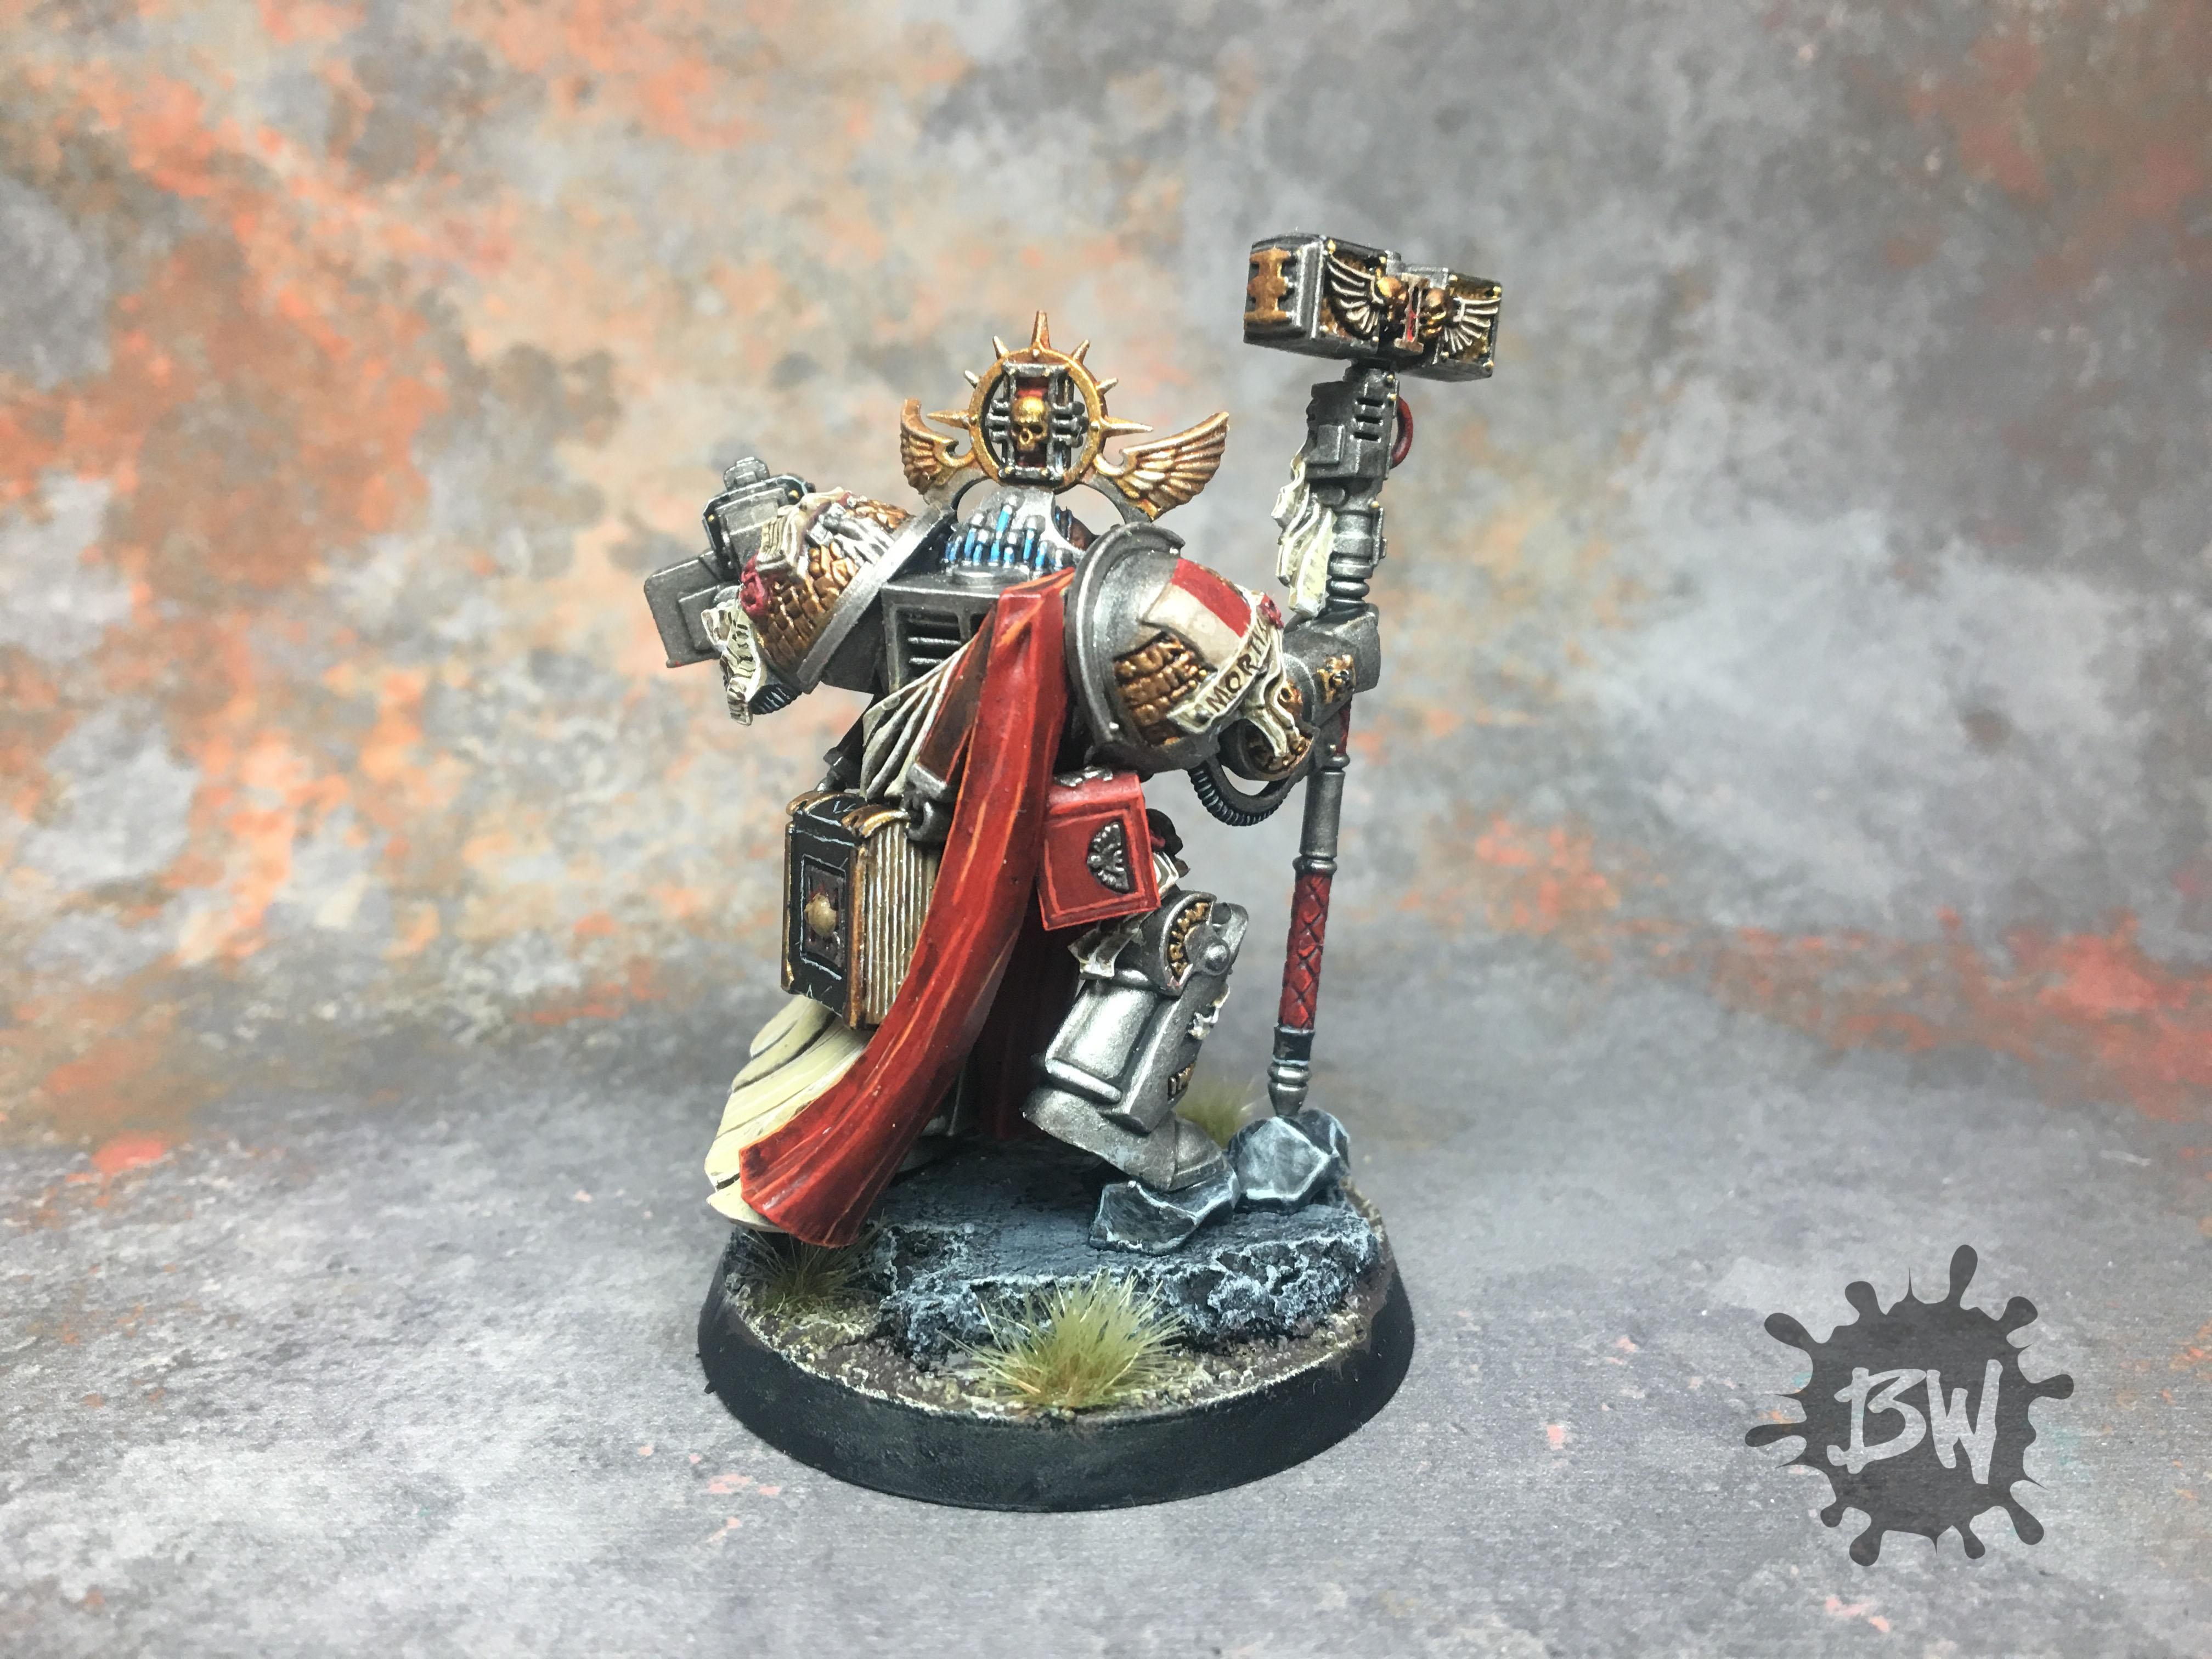 Gray Knights, Imperium, Voldus, Warhammer 40,000